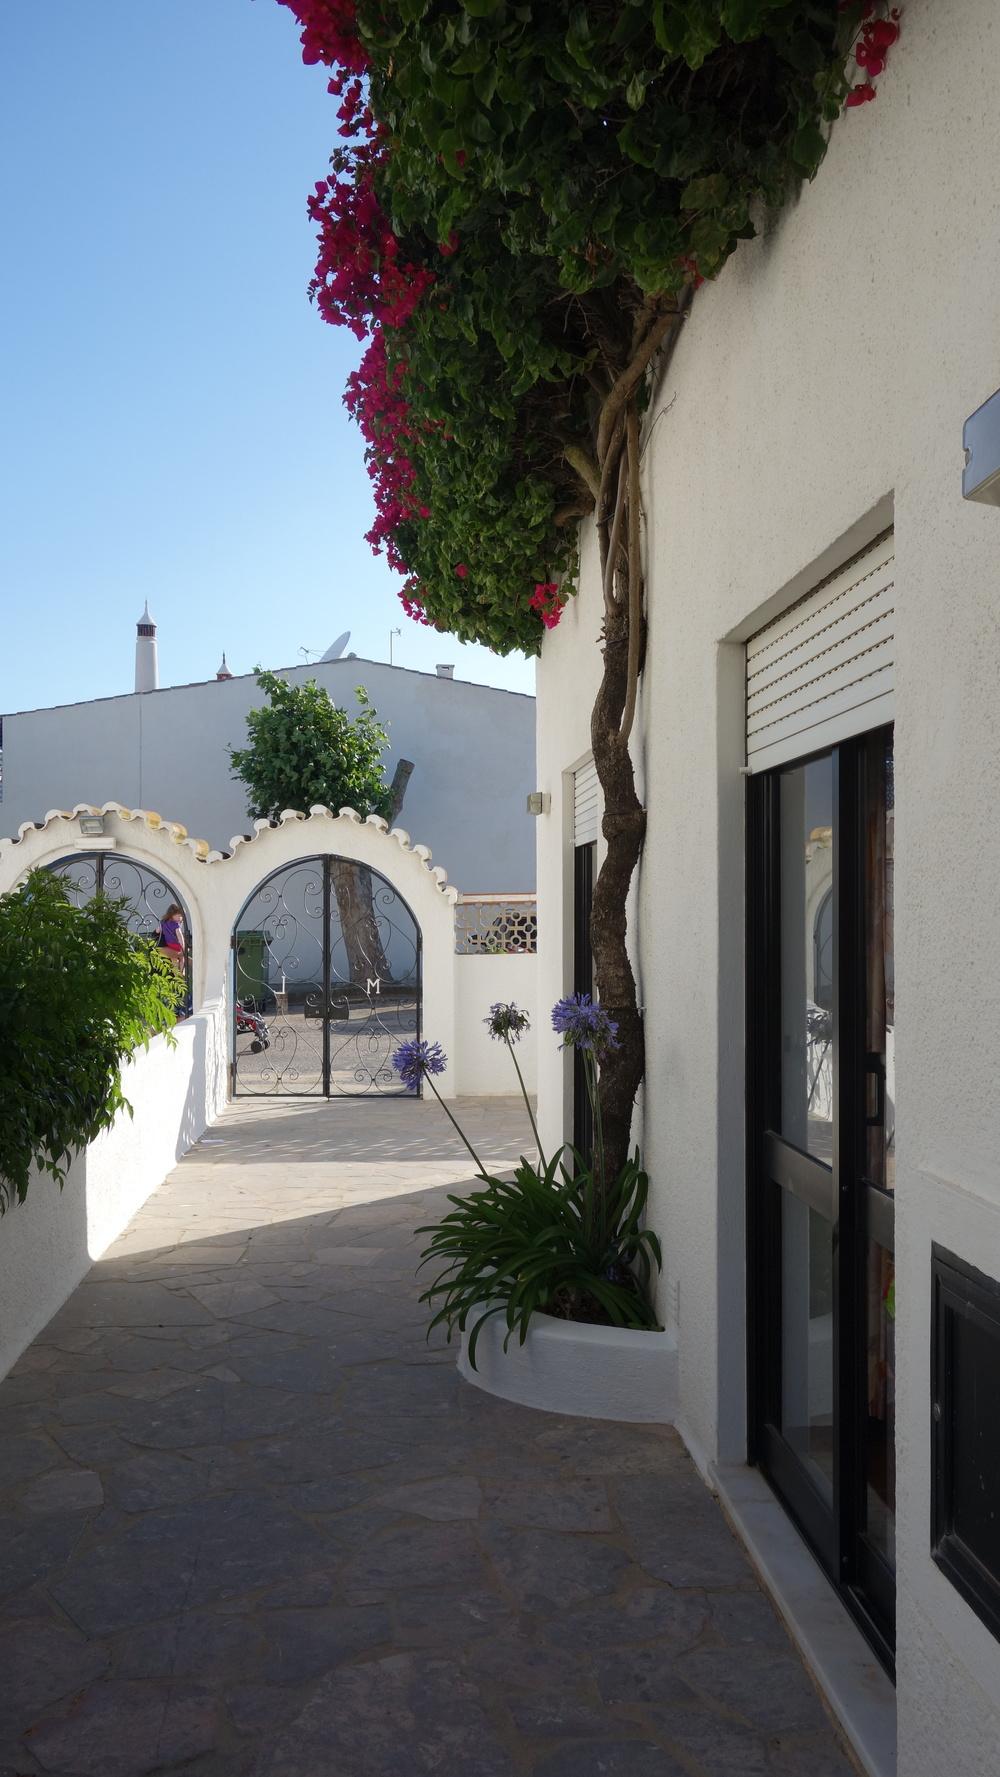 Entry to our quarters in Praia da Luz